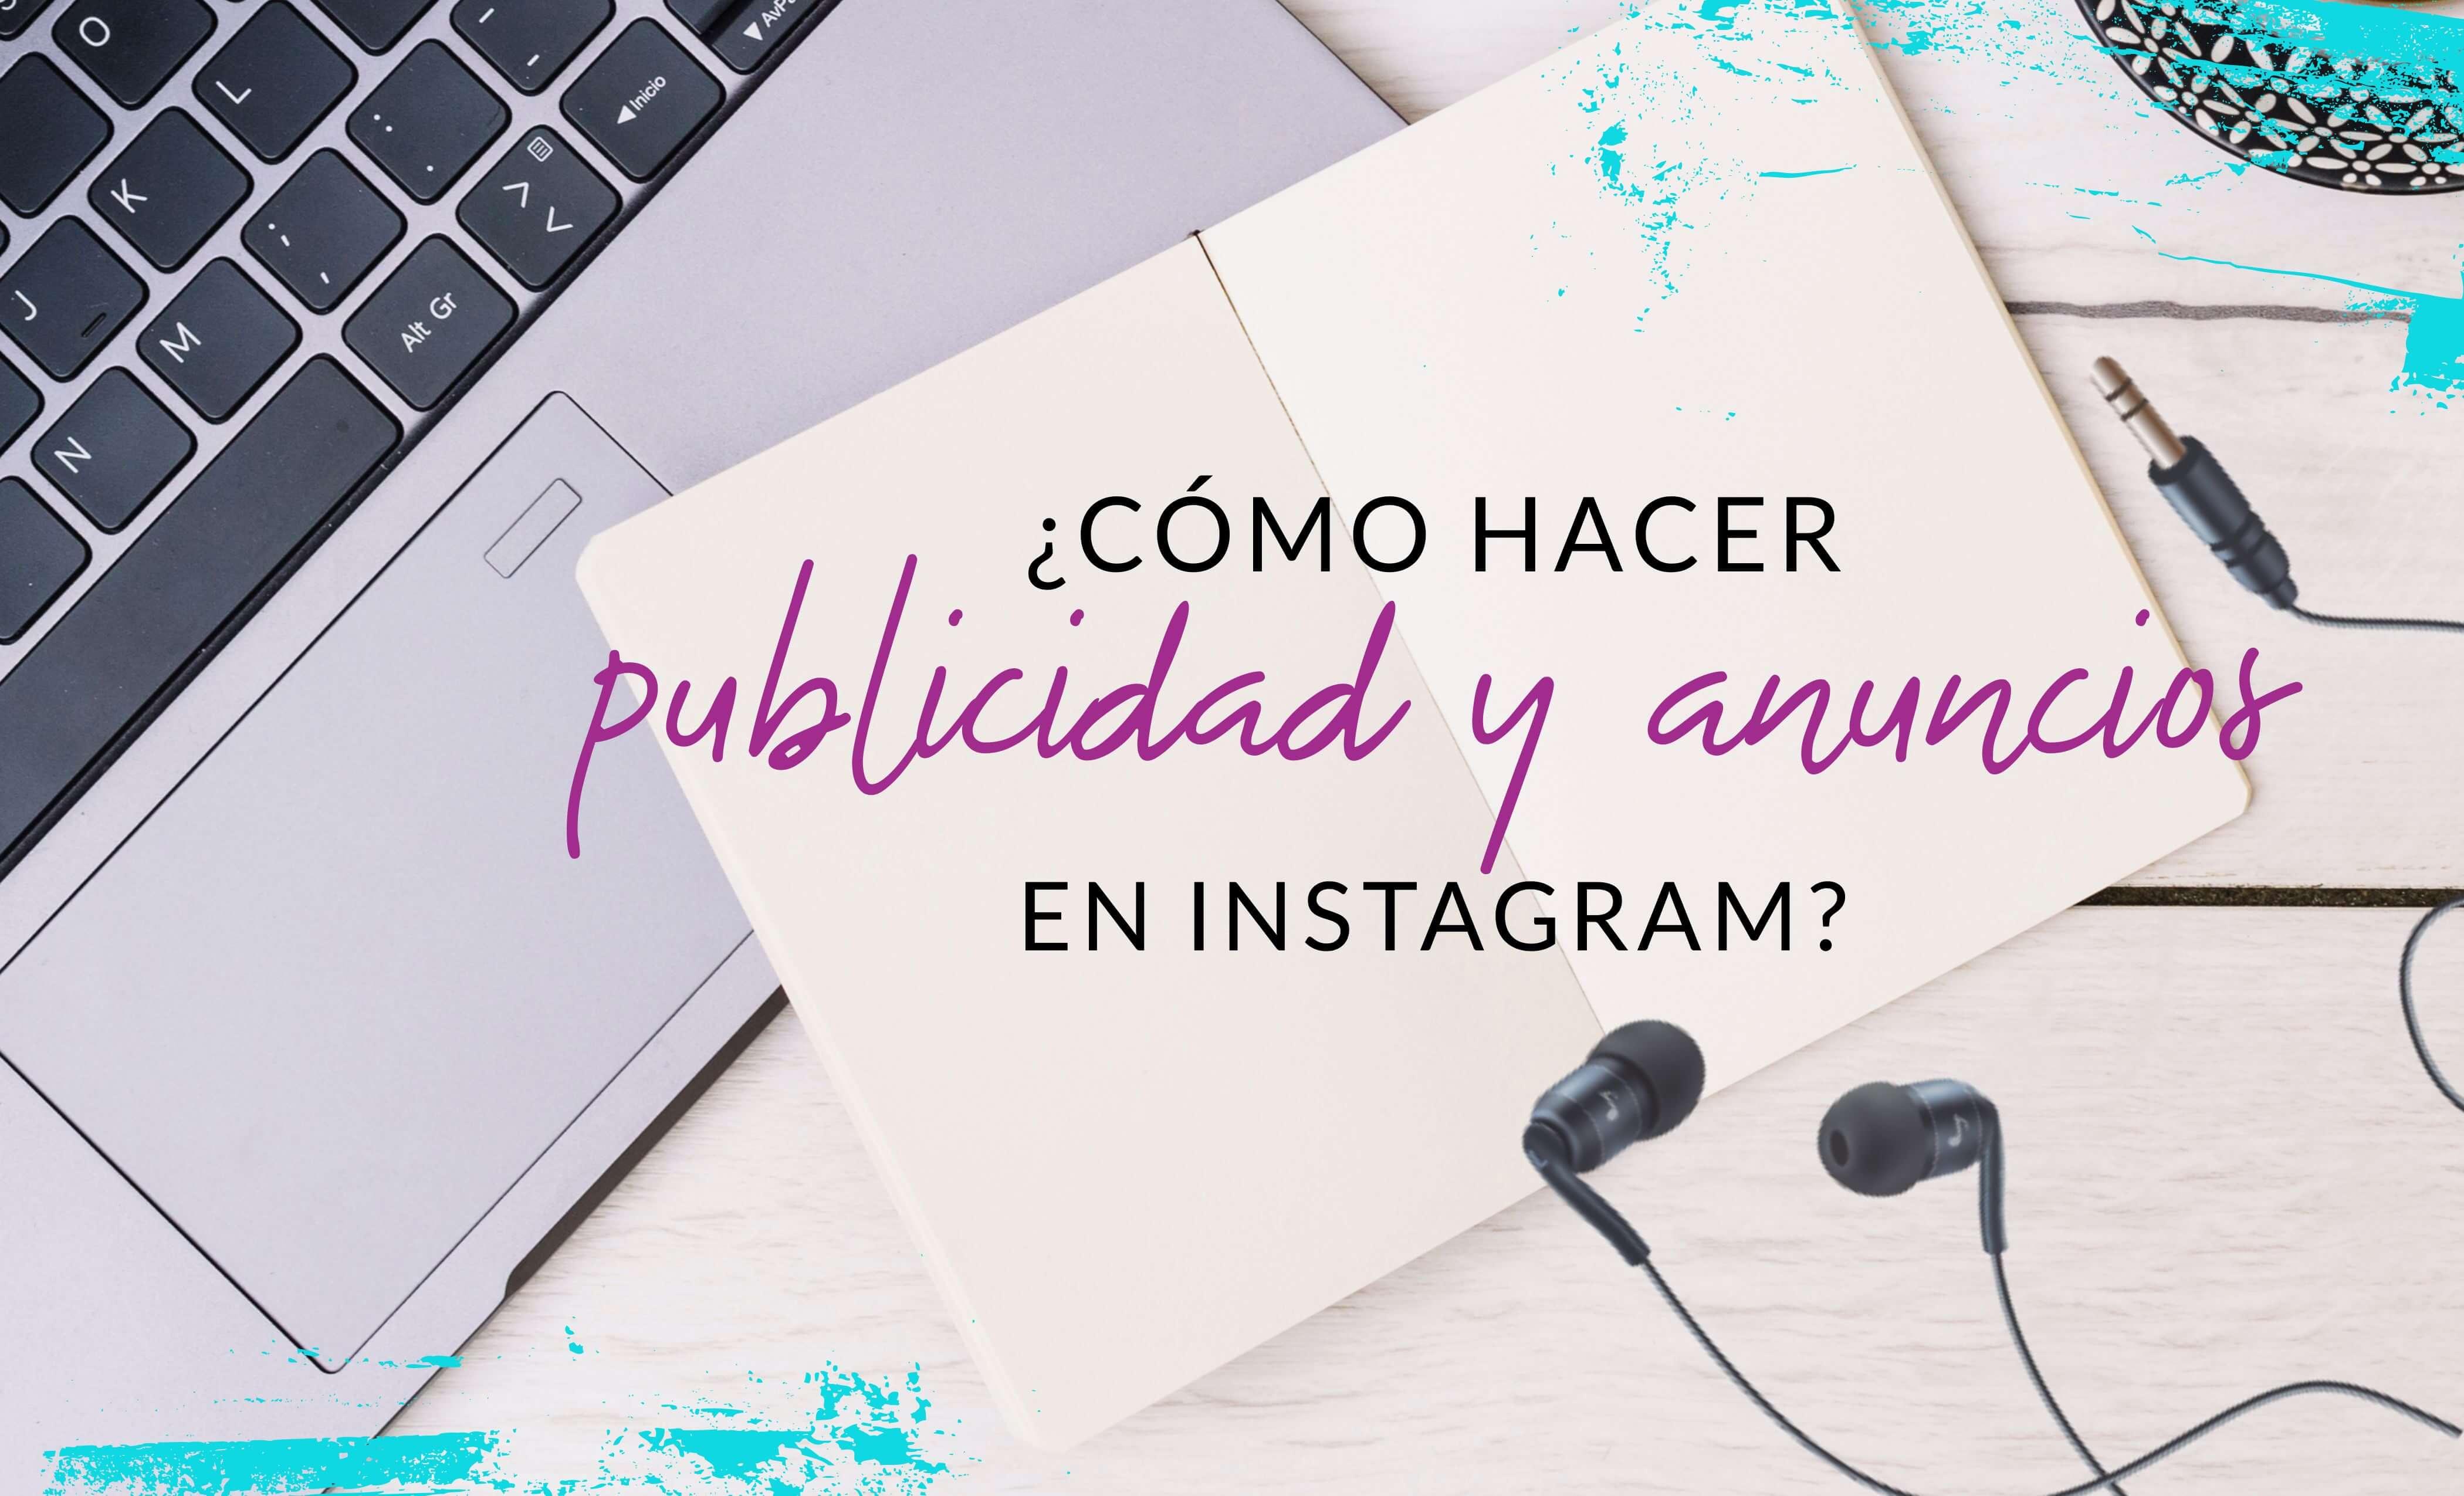 Episodio #9: ¿Cómo hacer publicidad y anuncios en Instagram para que no pierdas tu dinero?